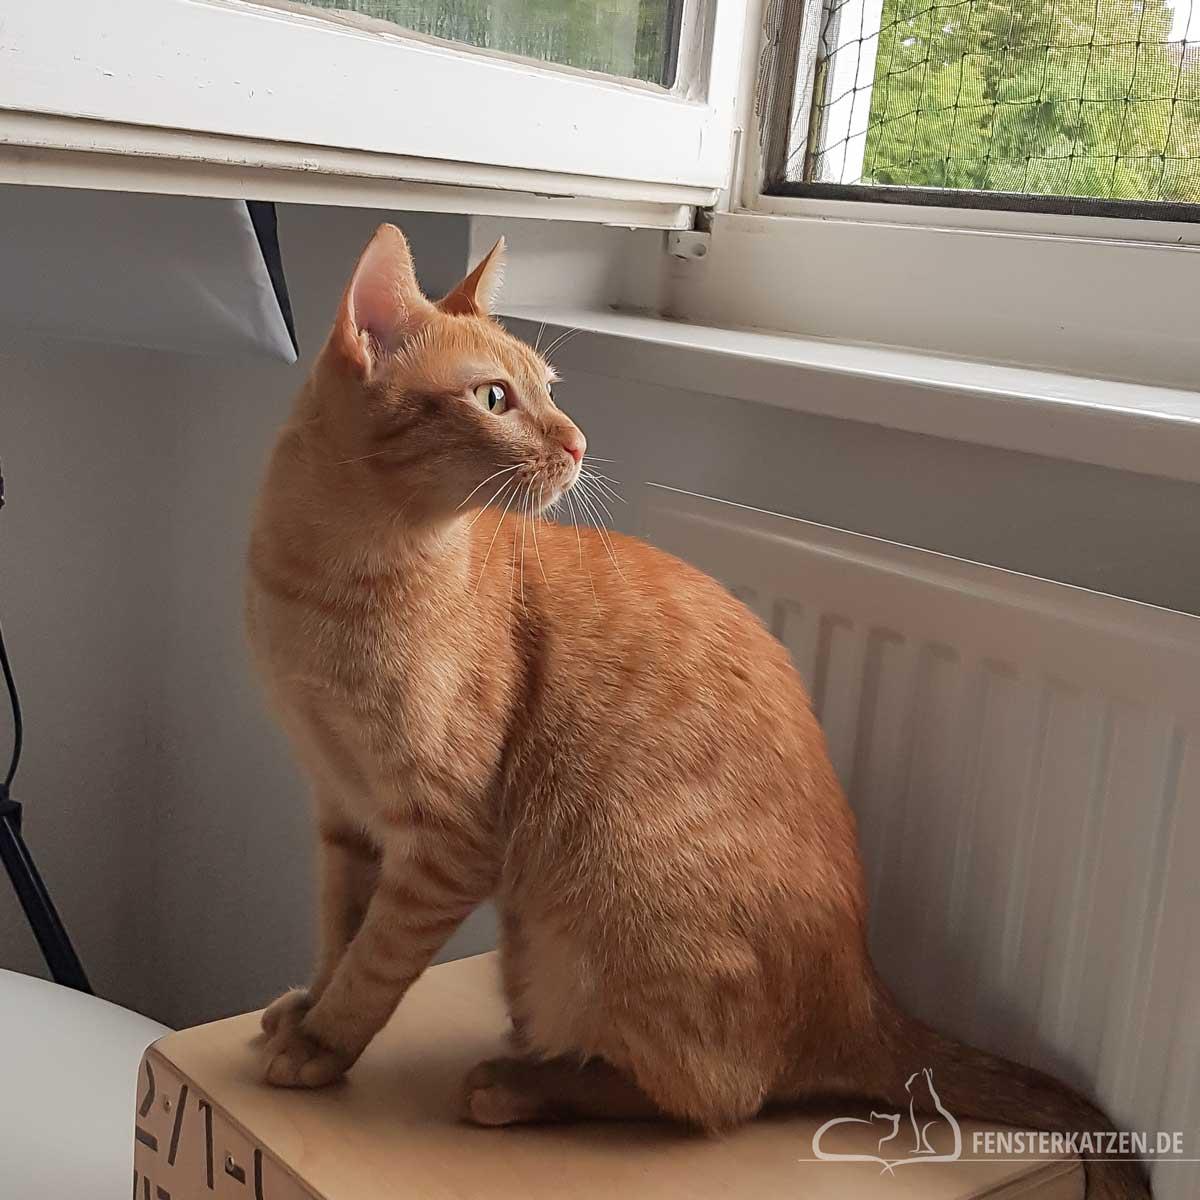 Fensterkatzen-Das-Erste-Mal-Katzen-Zusammenfuehren-Unsere-Erfahrungen-Kater-Sitzt-Am-Fenster